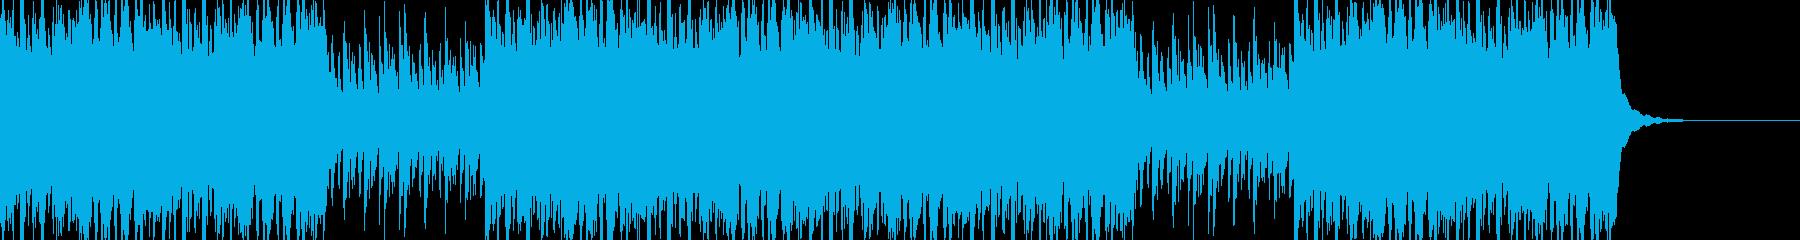 エジプト・アラビア・中東系BGMの再生済みの波形